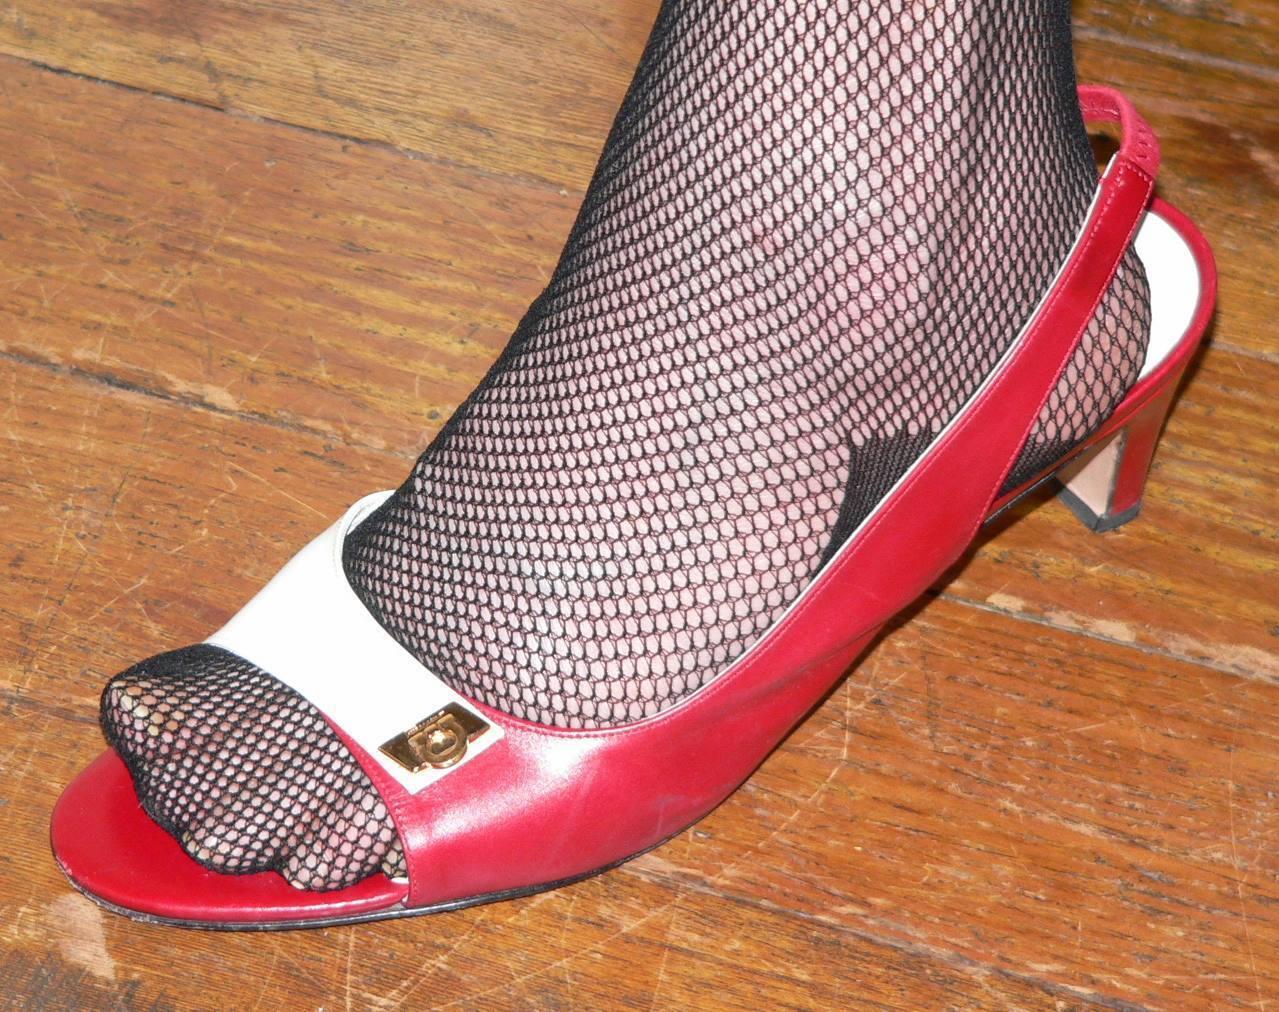 Último gran descuento SALVATORE FERRAGAMO LADIES RED & WHITE SLINGBACK SANDALS/size 7